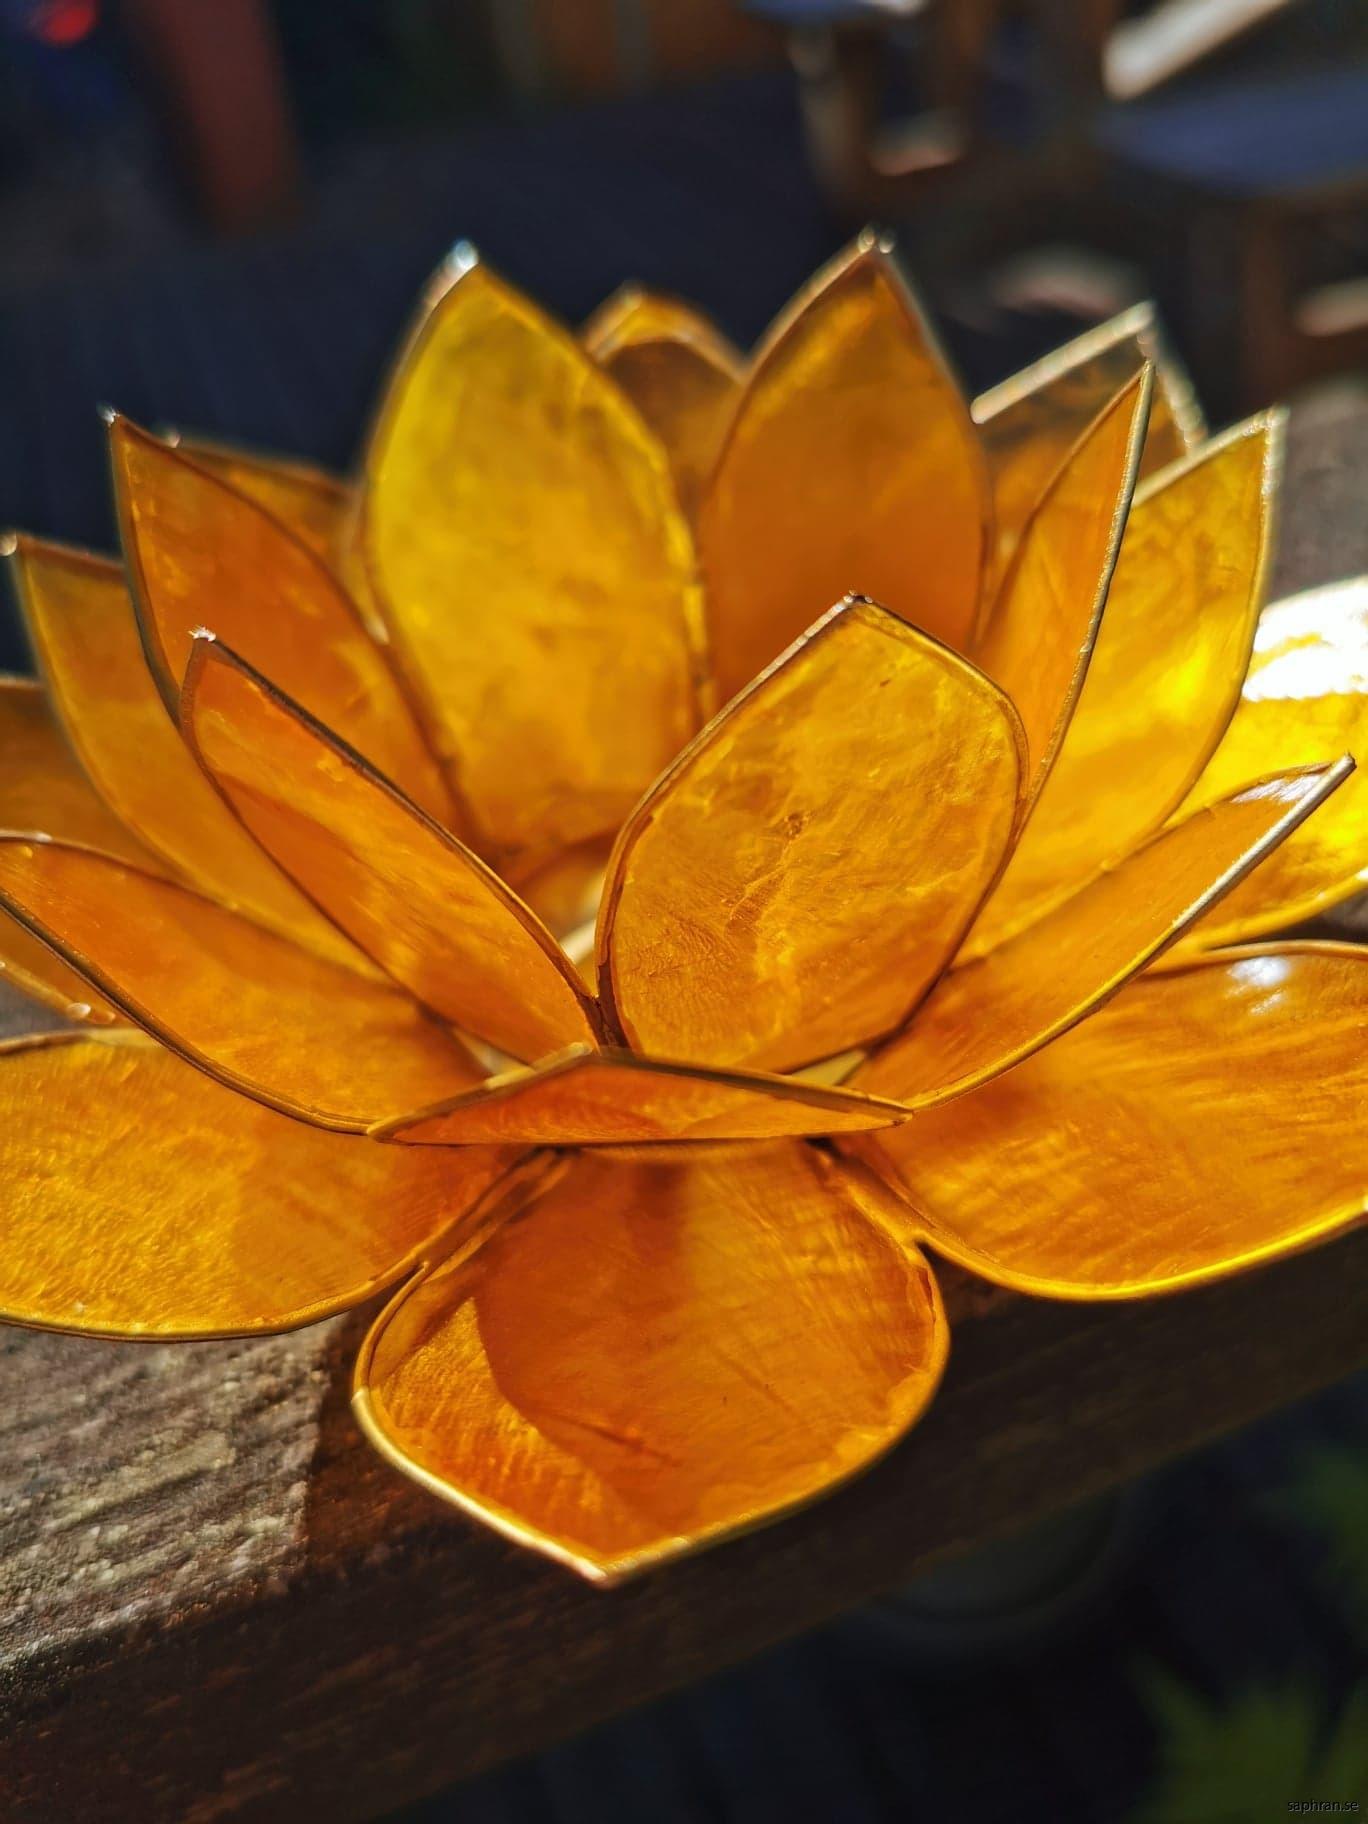 Lotuslykta chakra gul